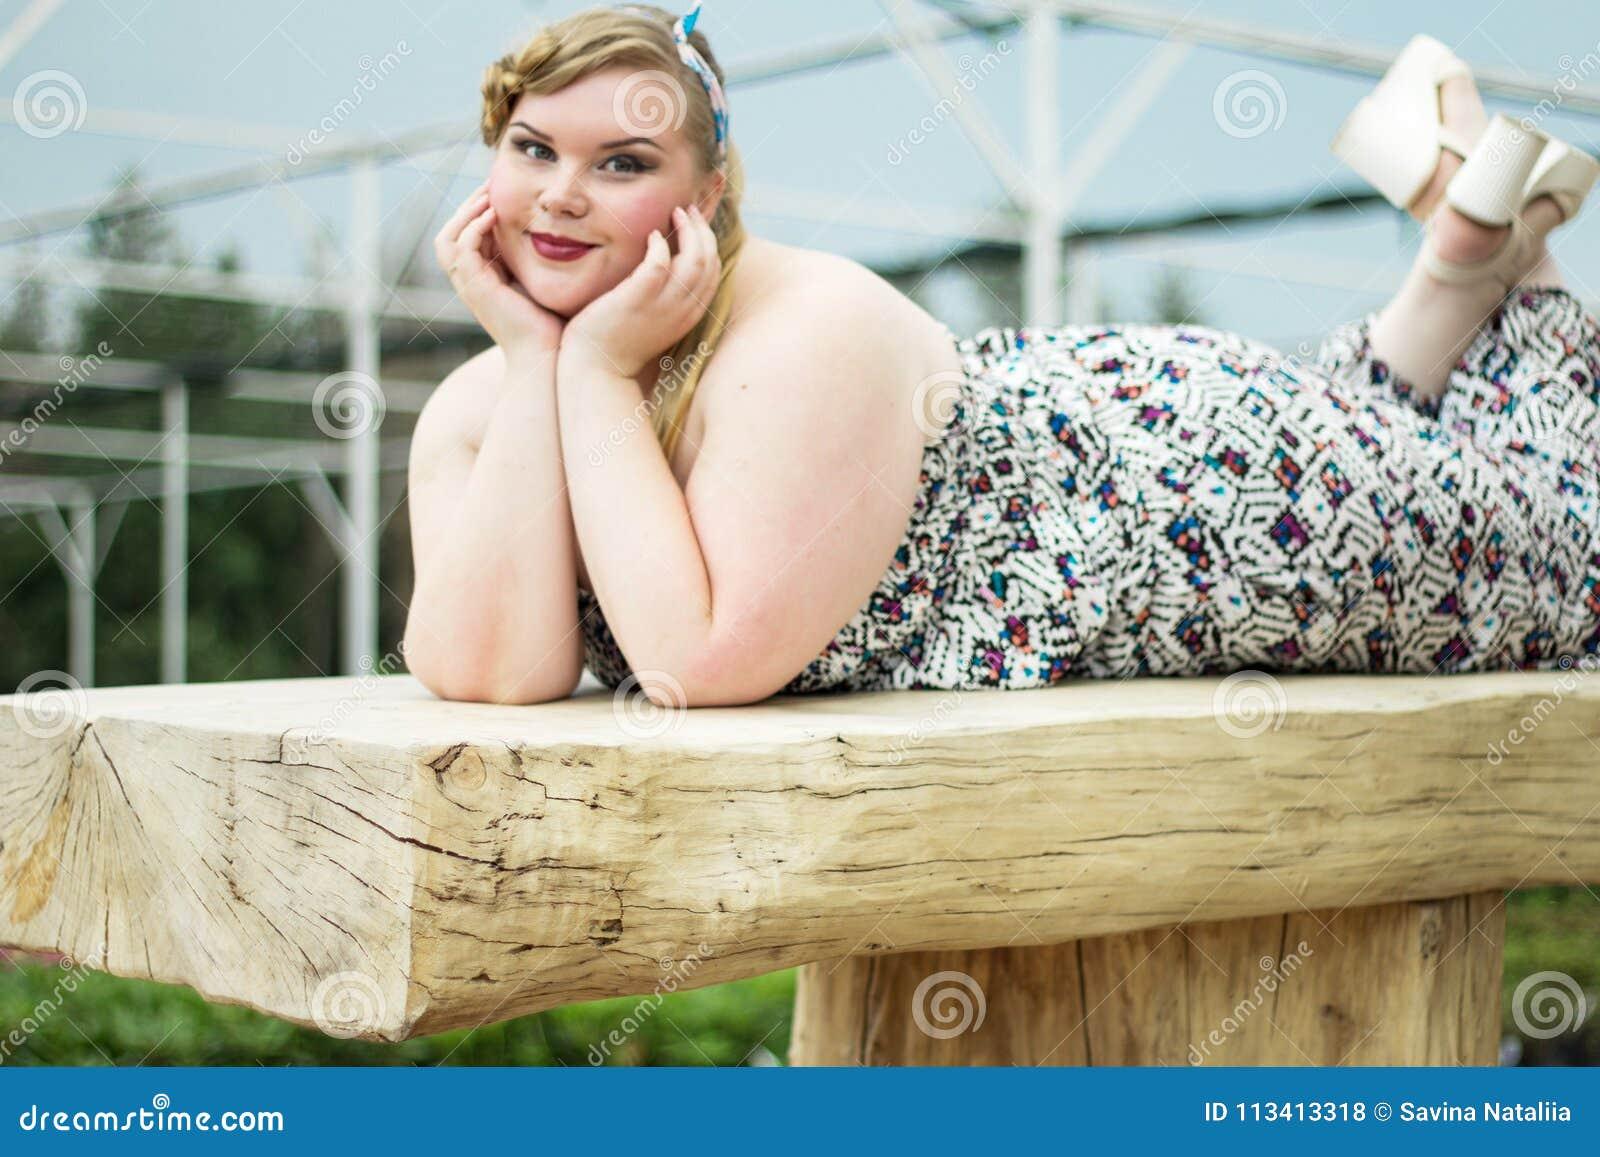 Curv pechugón bonito novo da mulher positiva do xxl do sutiã do preto do modelo do tamanho